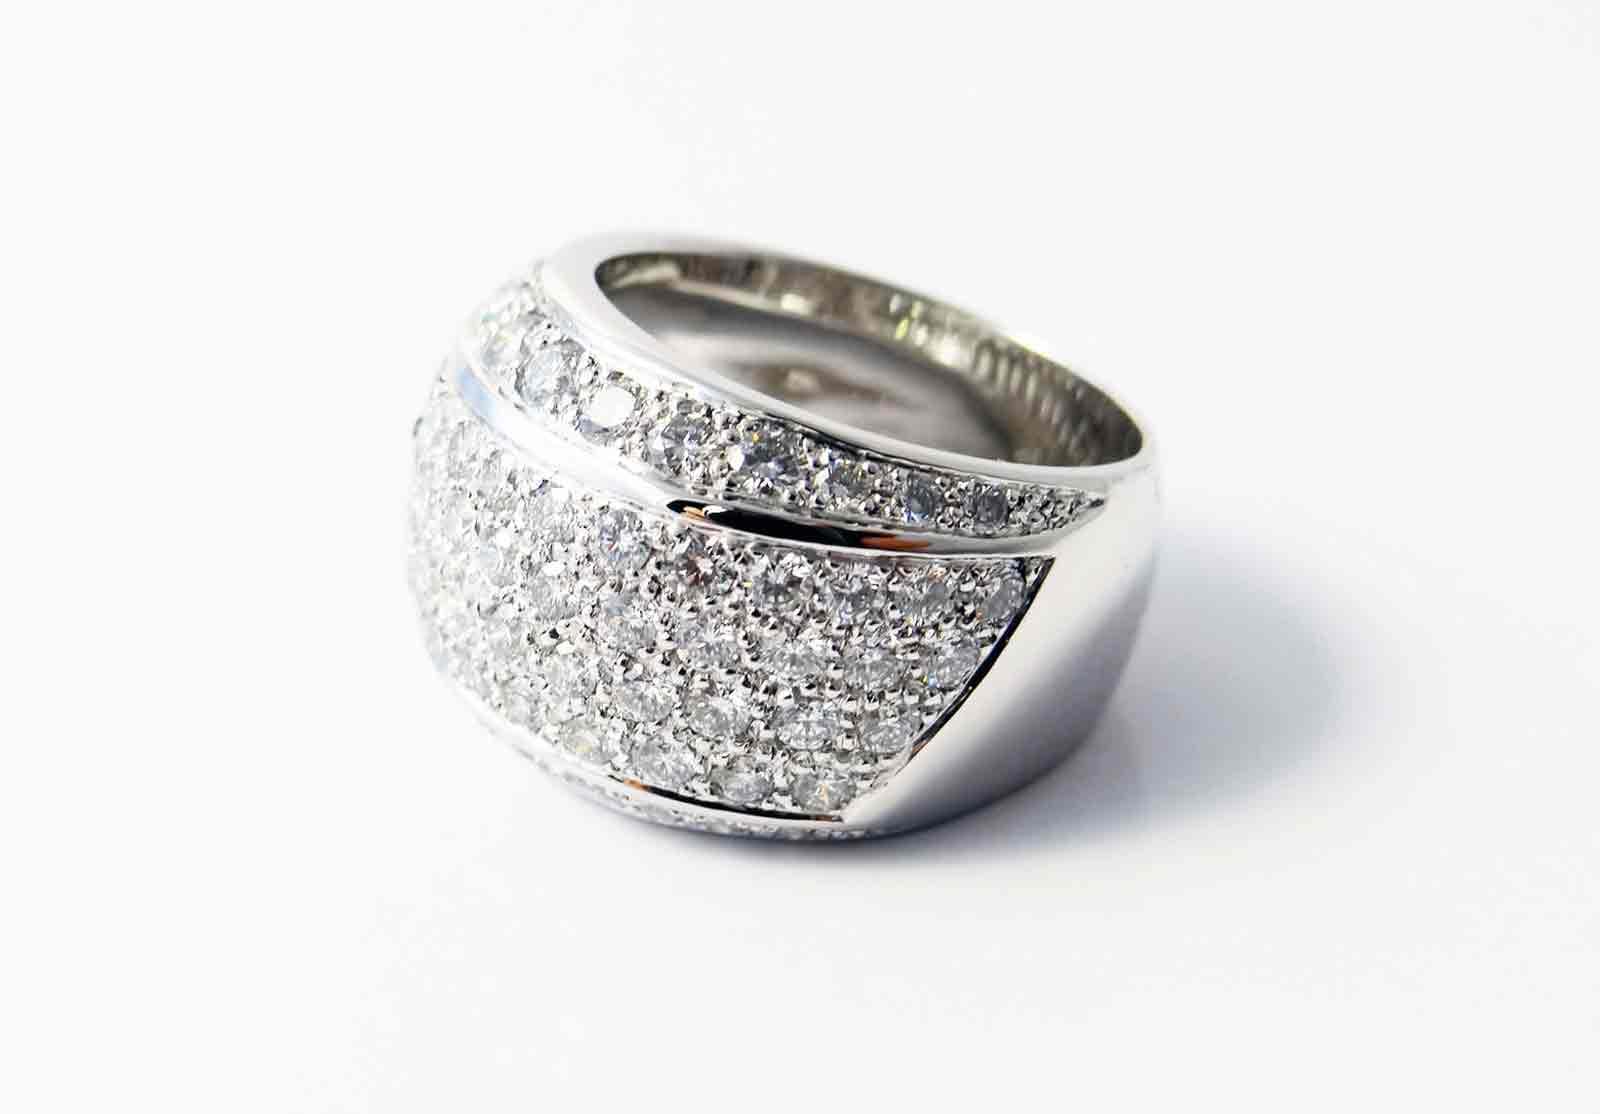 Bague en or blanc pavé de diamants